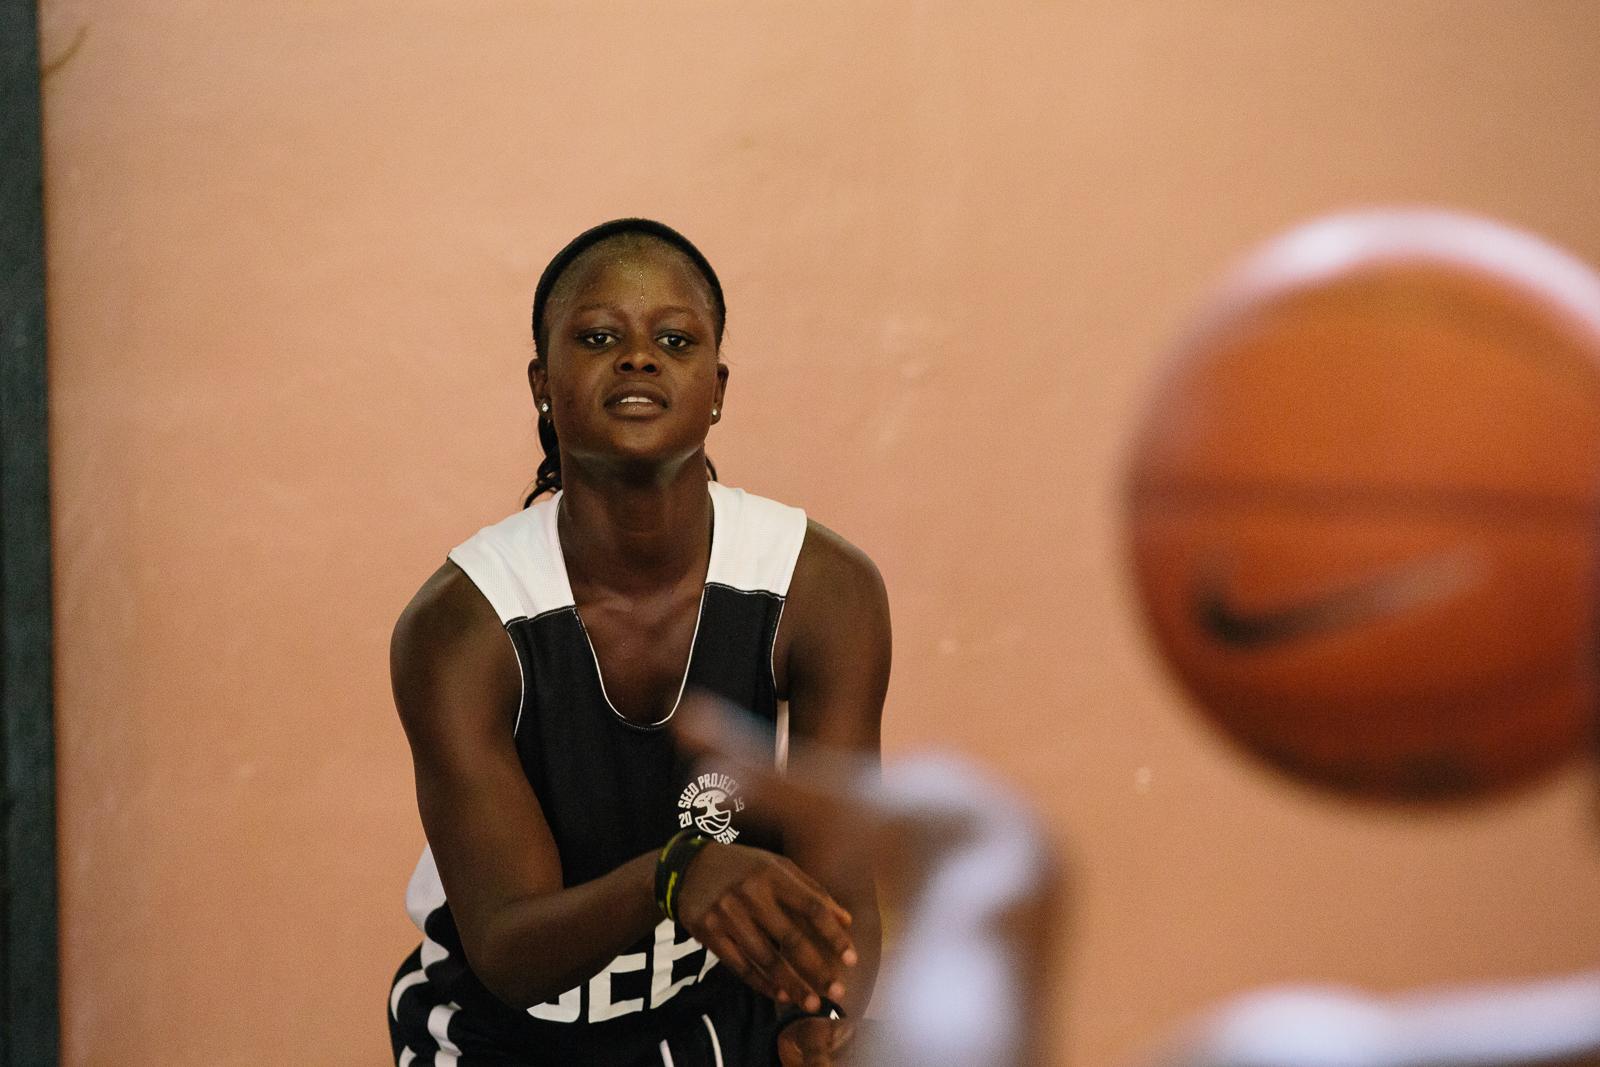 401_20150601_Seed Girls Training_thiès_Senegal©KevinCouliau.jpg